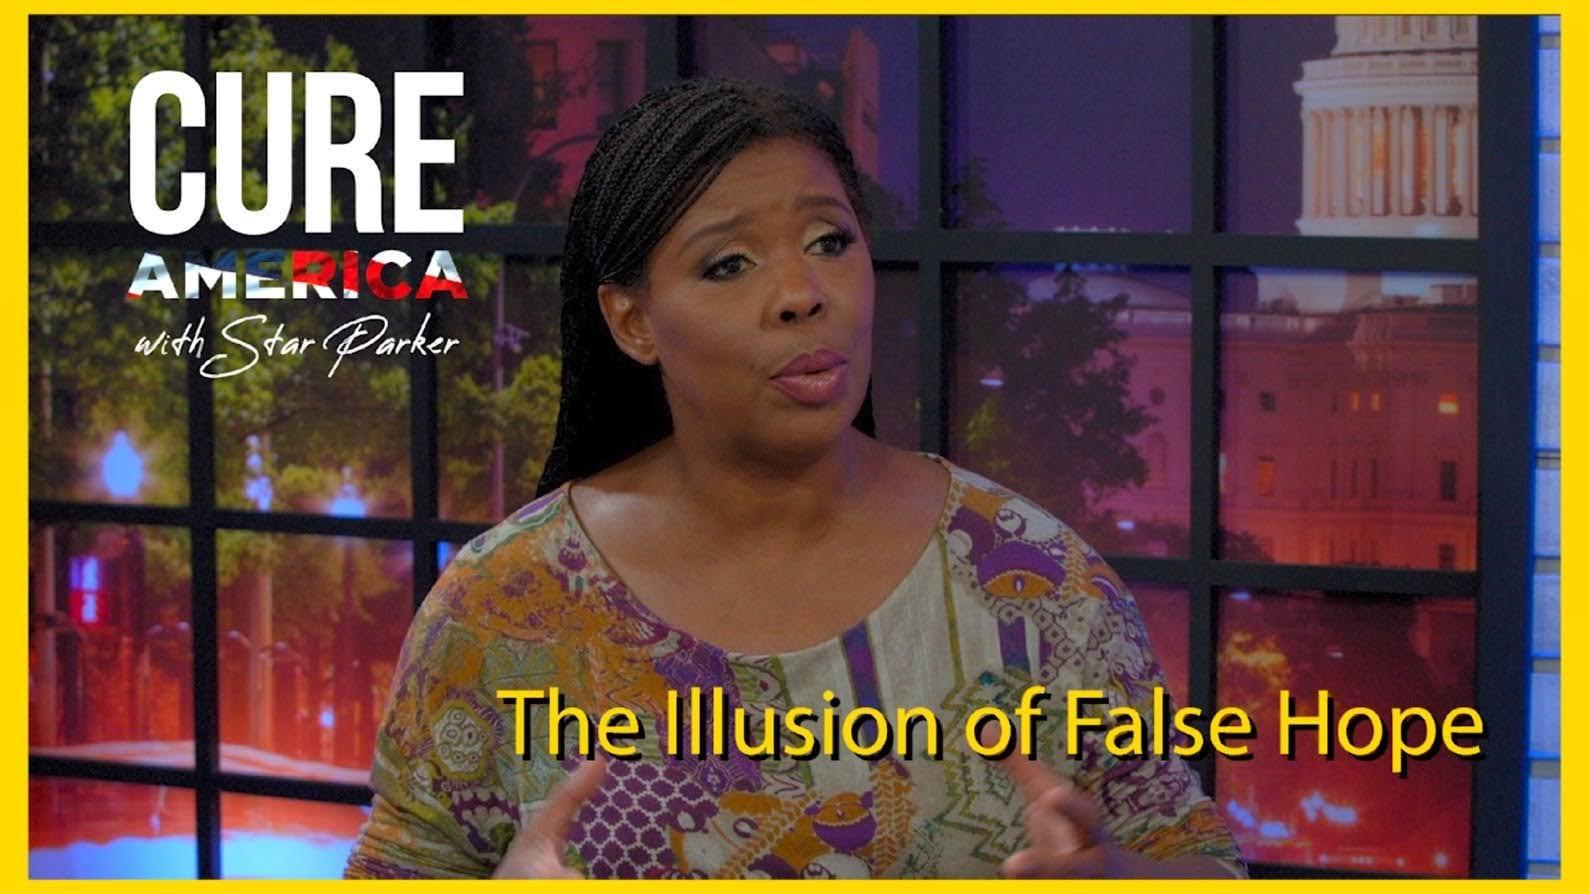 The Illusion of False Hope